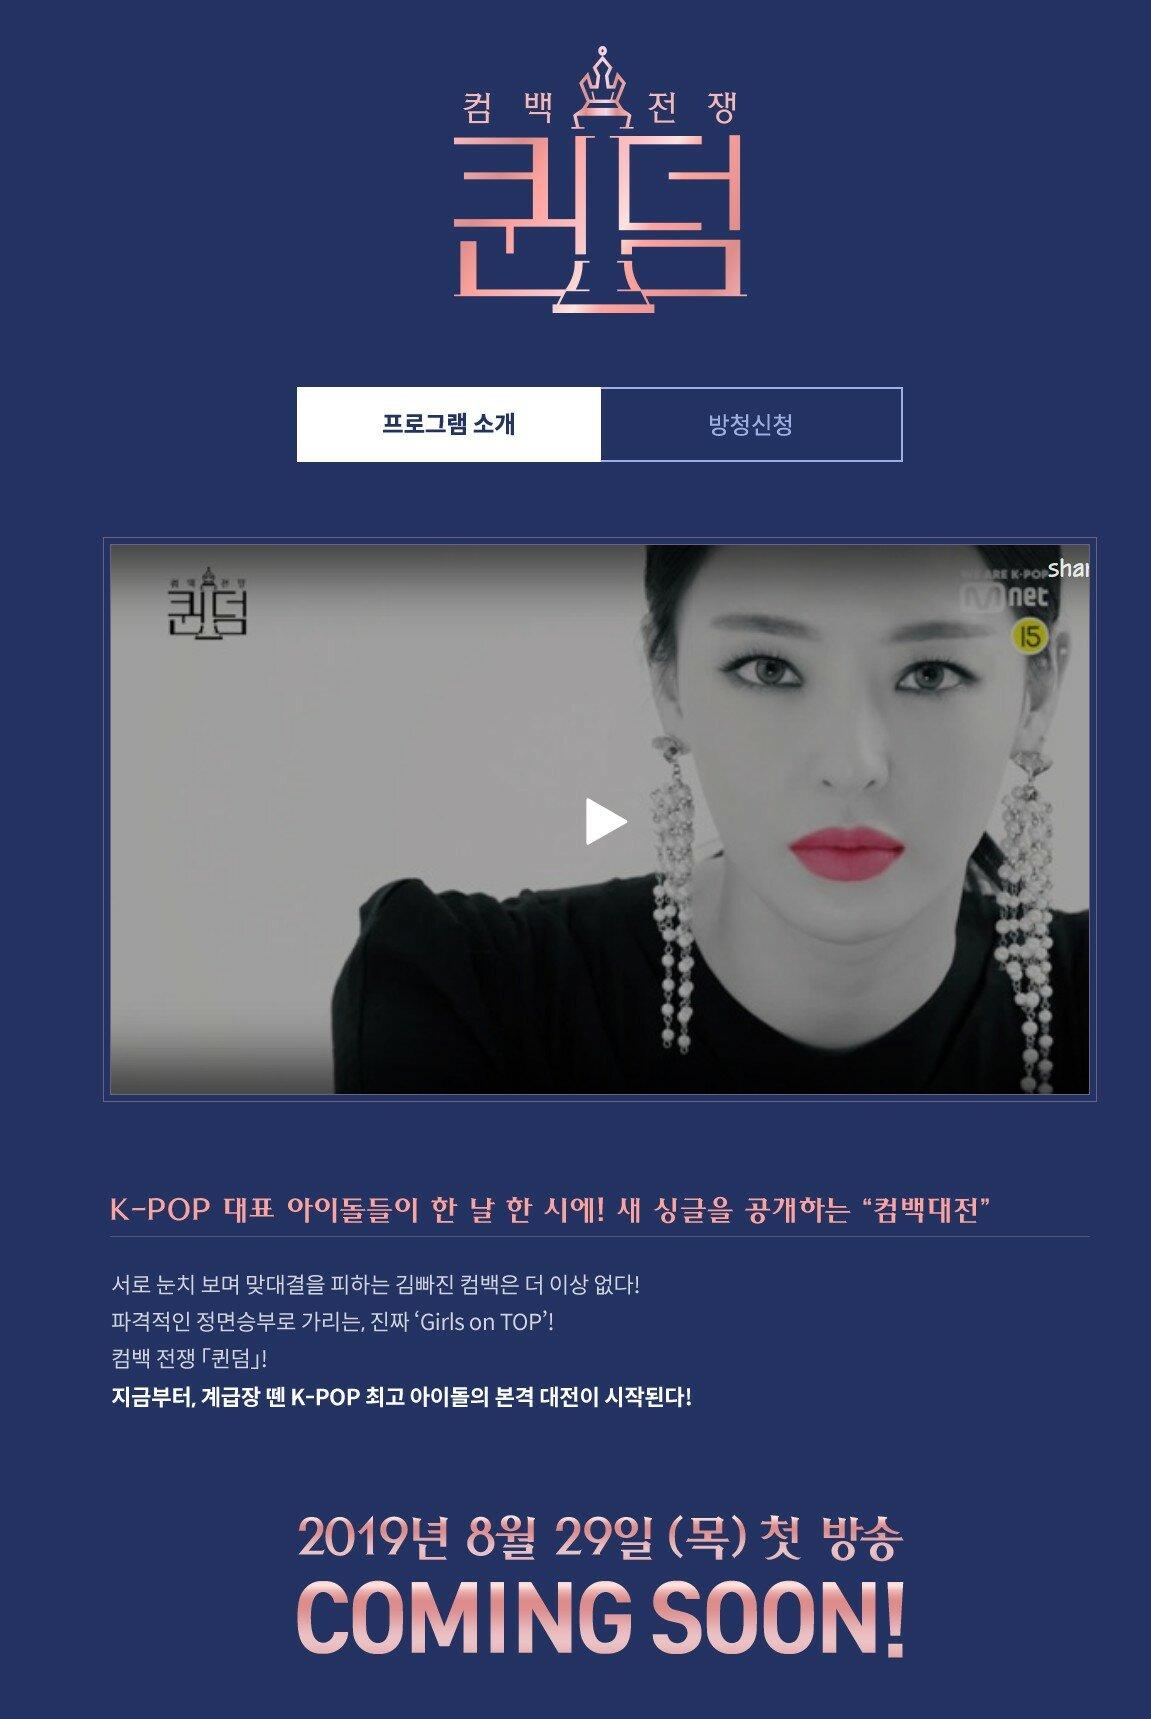 mnet's Queendom Contestant Groups